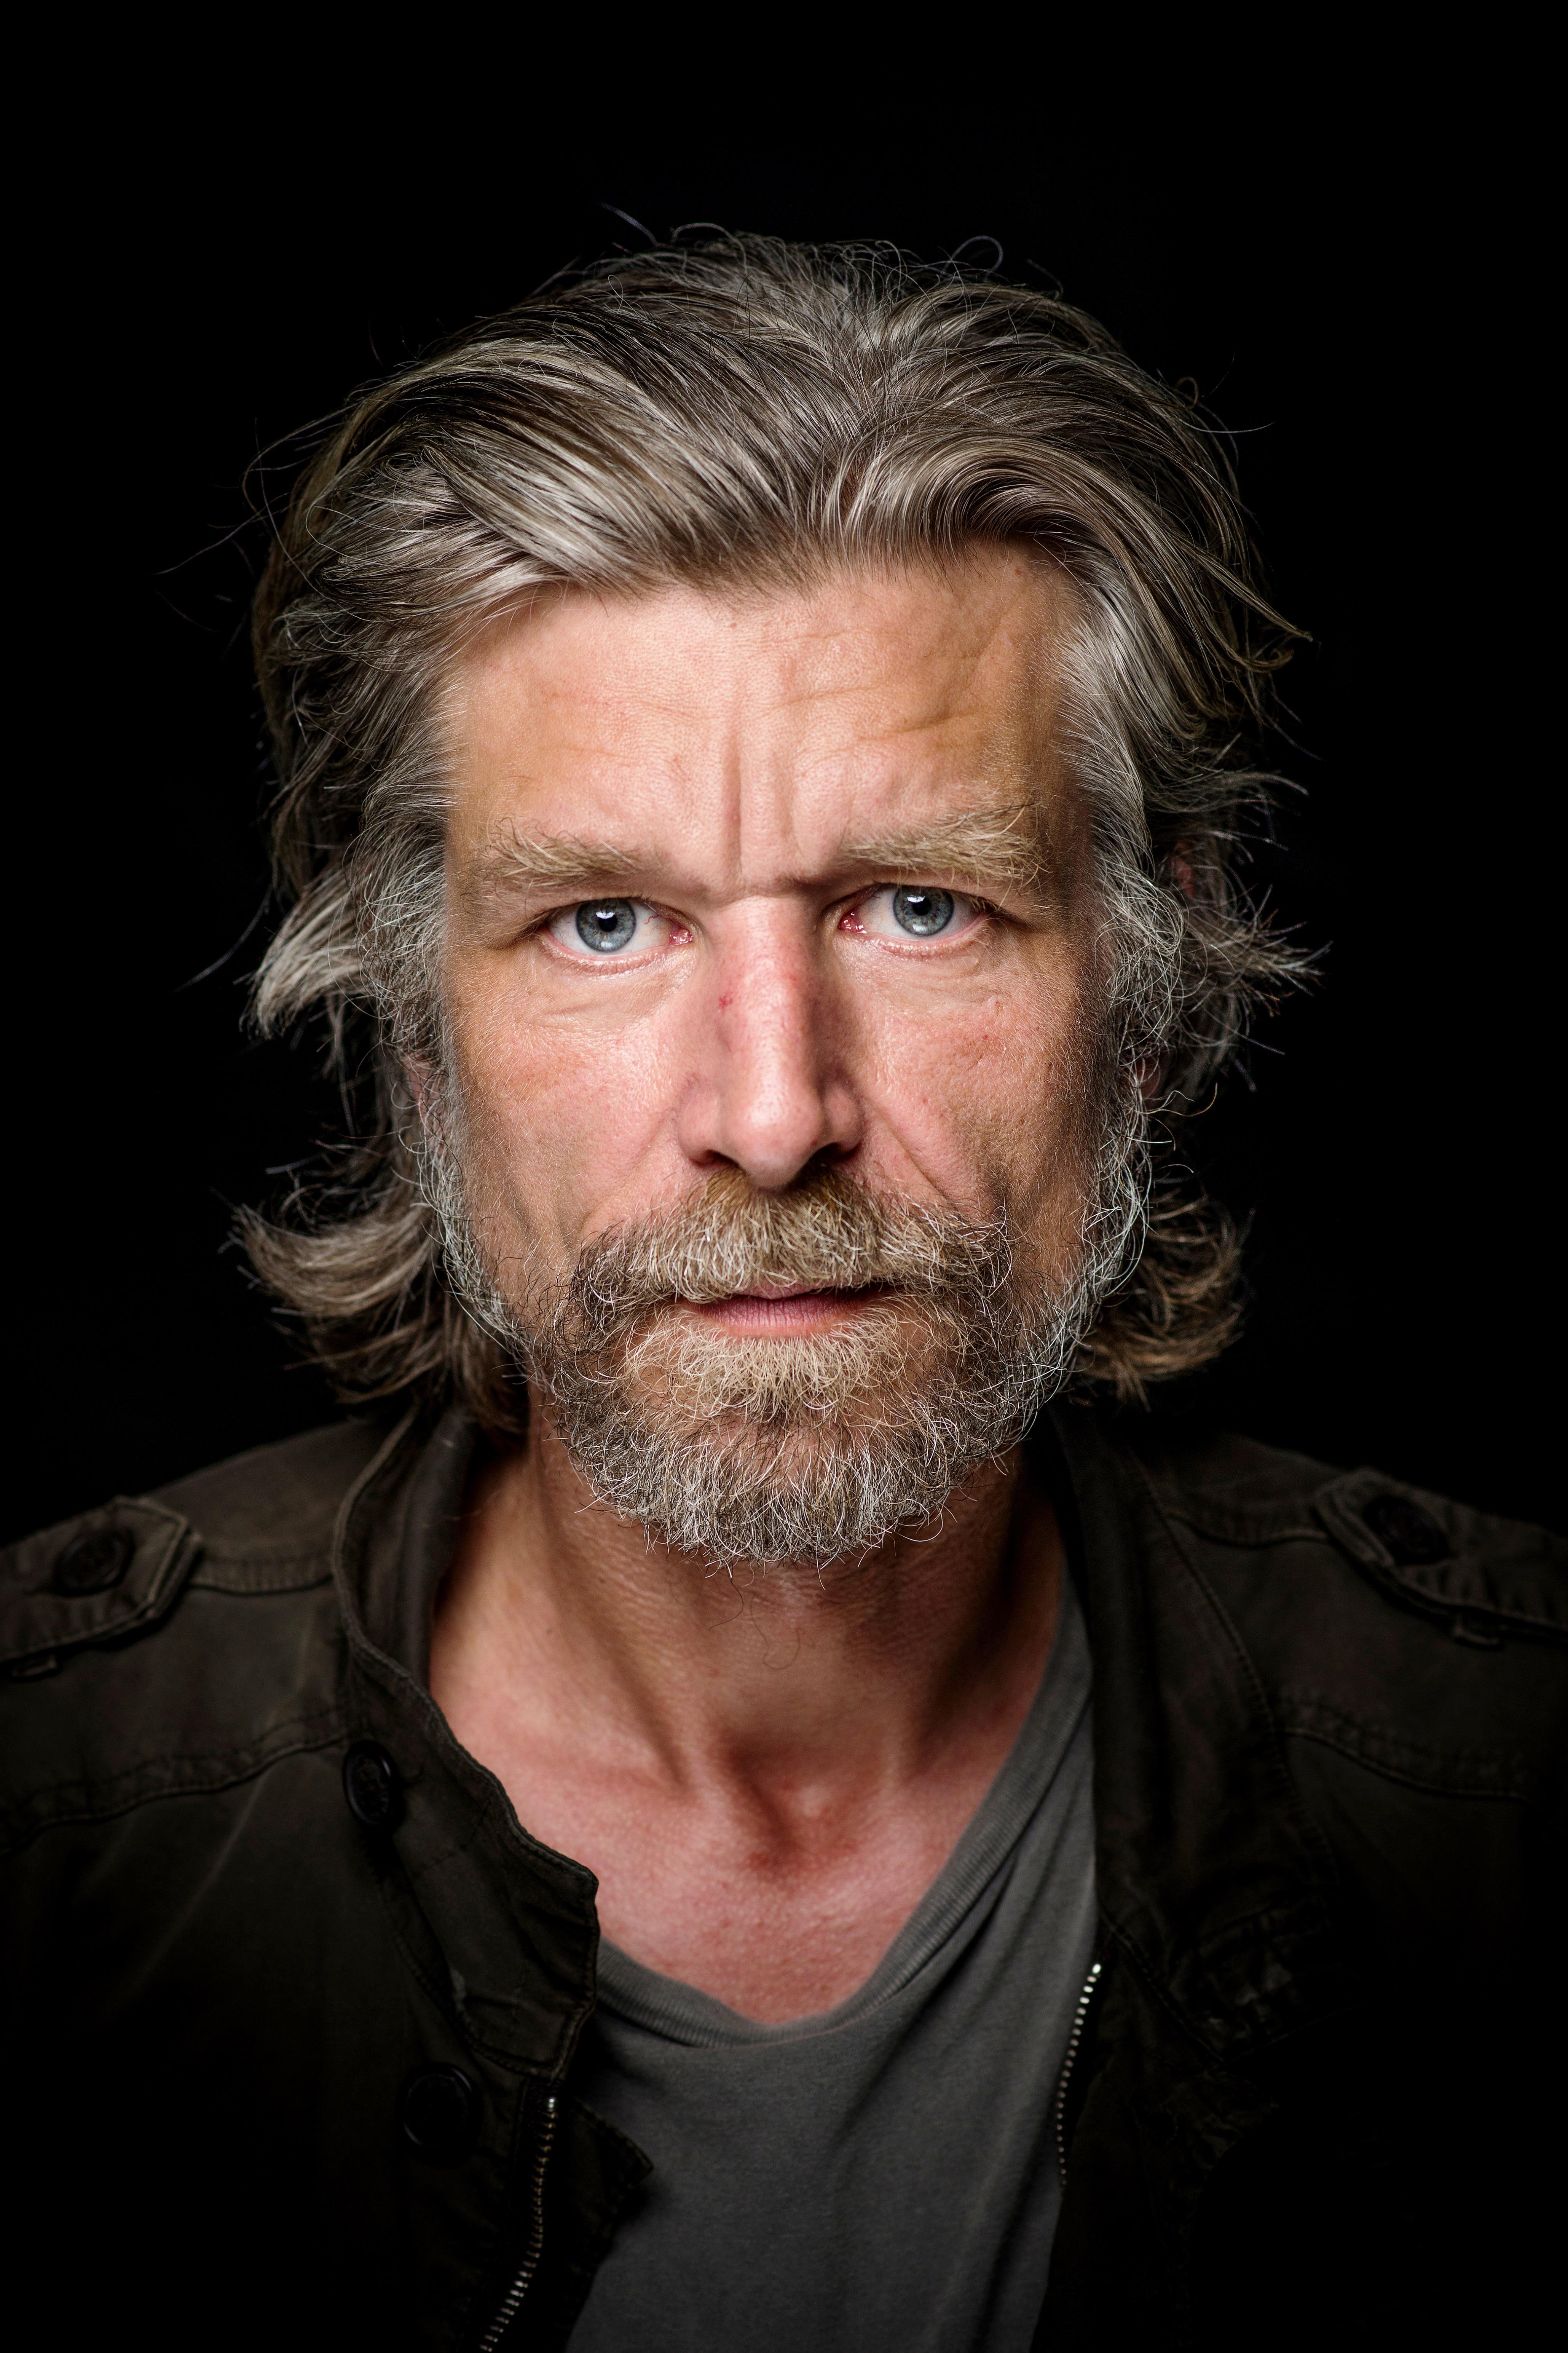 Karl O. Knausgård